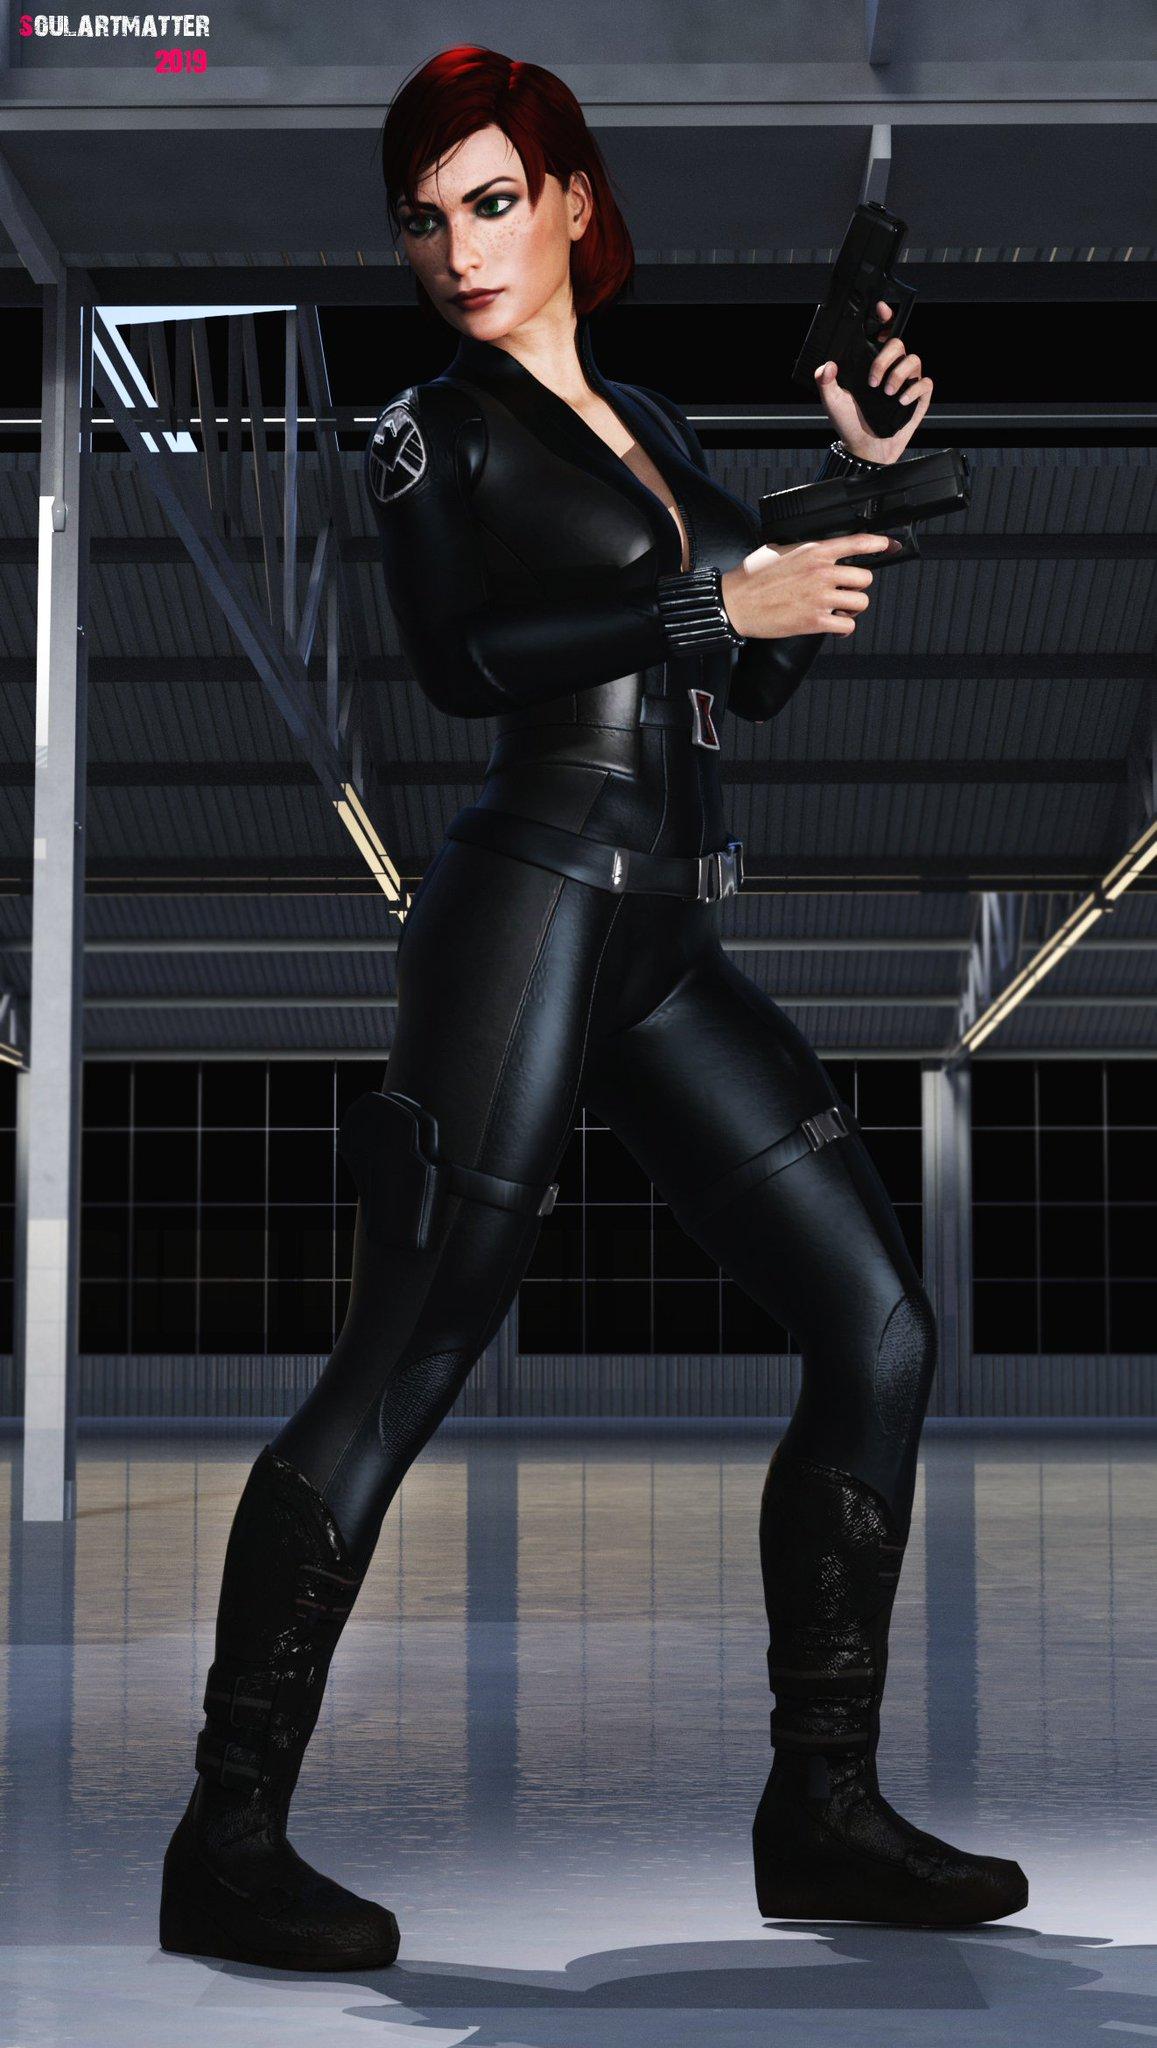 """Black Widow Futa soulartmatter 3d arts on twitter: """"jane shepard cosplay"""